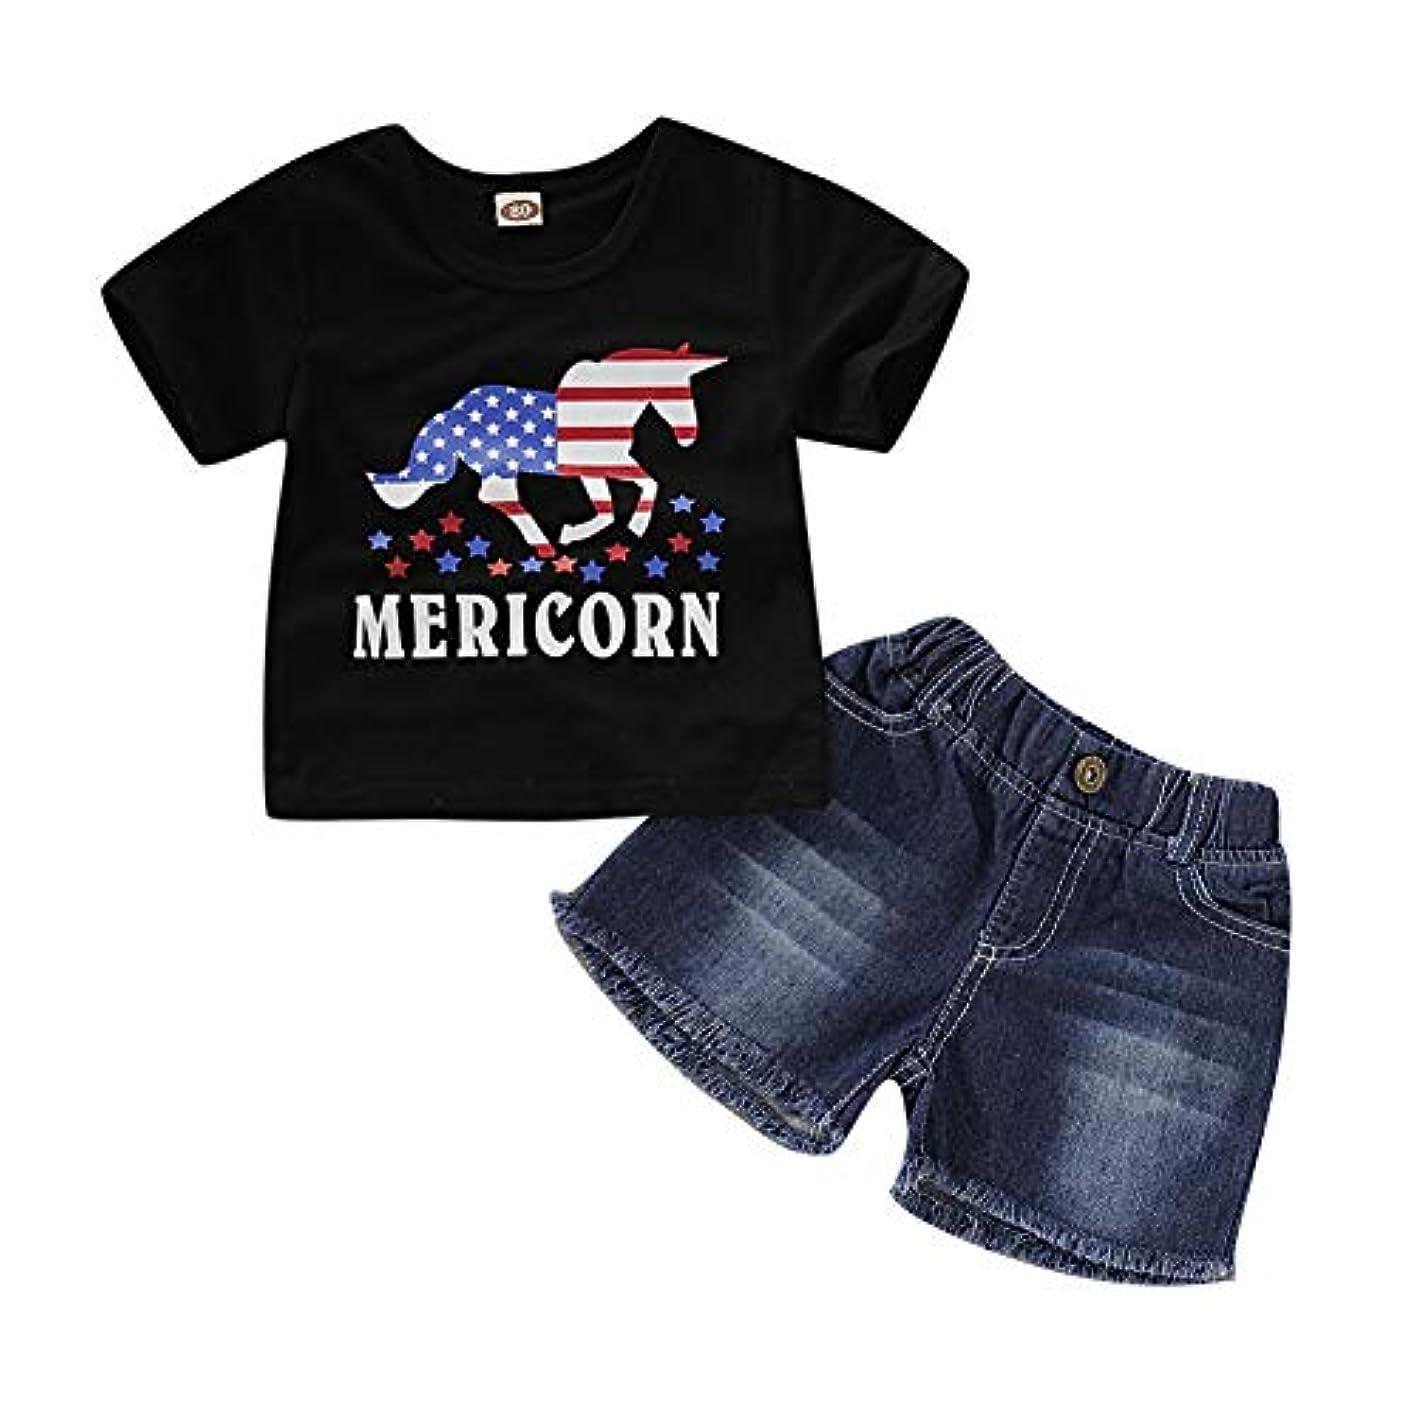 彼の好奇心激しいRad子供 赤ちゃん男の子夏半袖漫画レタープリントTシャツトップス+デニムショートパンツカジュアルコスチュームセット